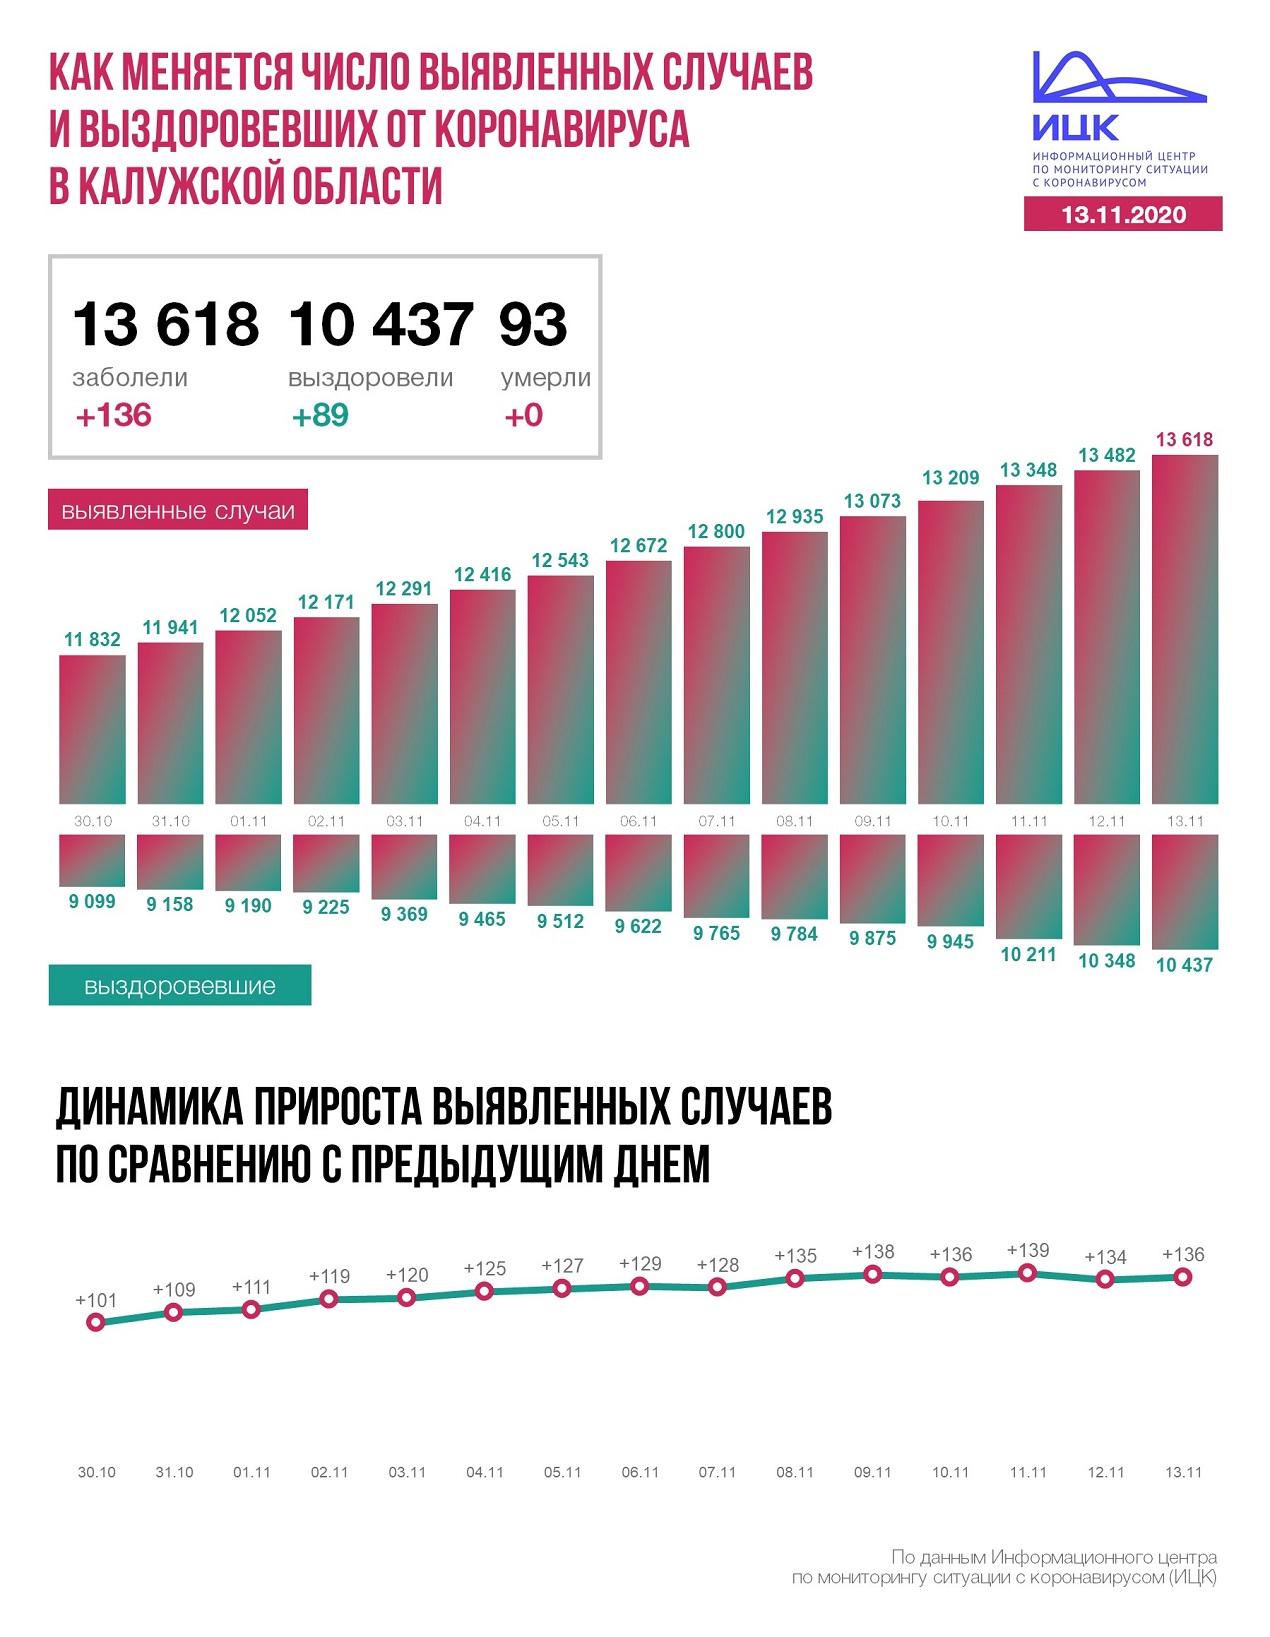 Официальные данные по коронавирусу в Калужской области на 13 ноября 2020 года.